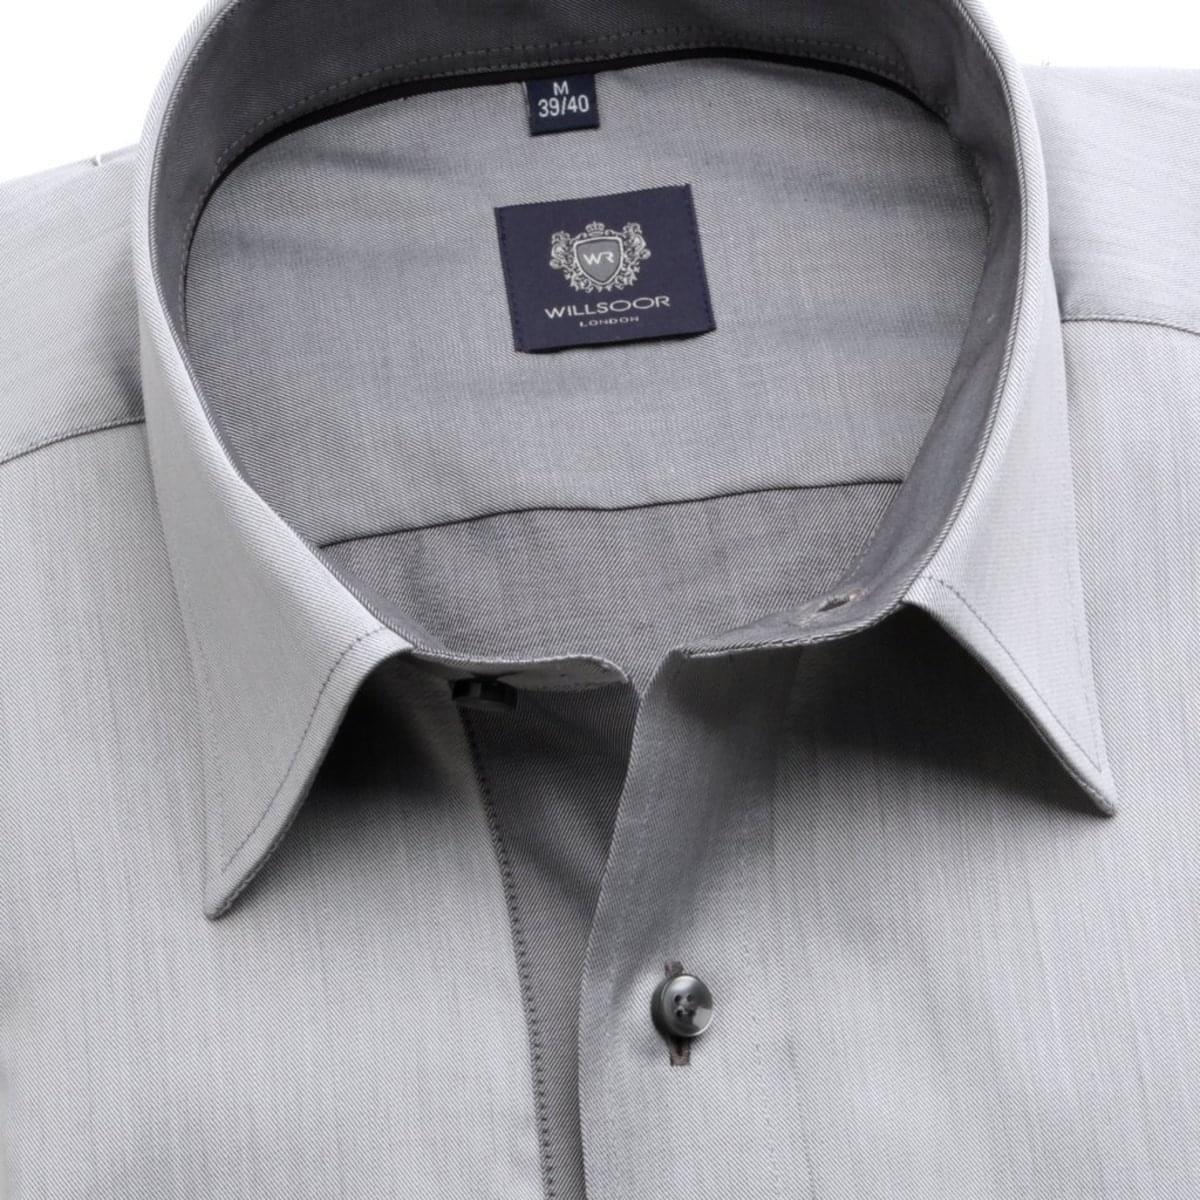 Pánska klasická košeľa London (výška 176-182) 6300 v šedé farbe s formulou Easy Care 176-182 / XL (43/44)